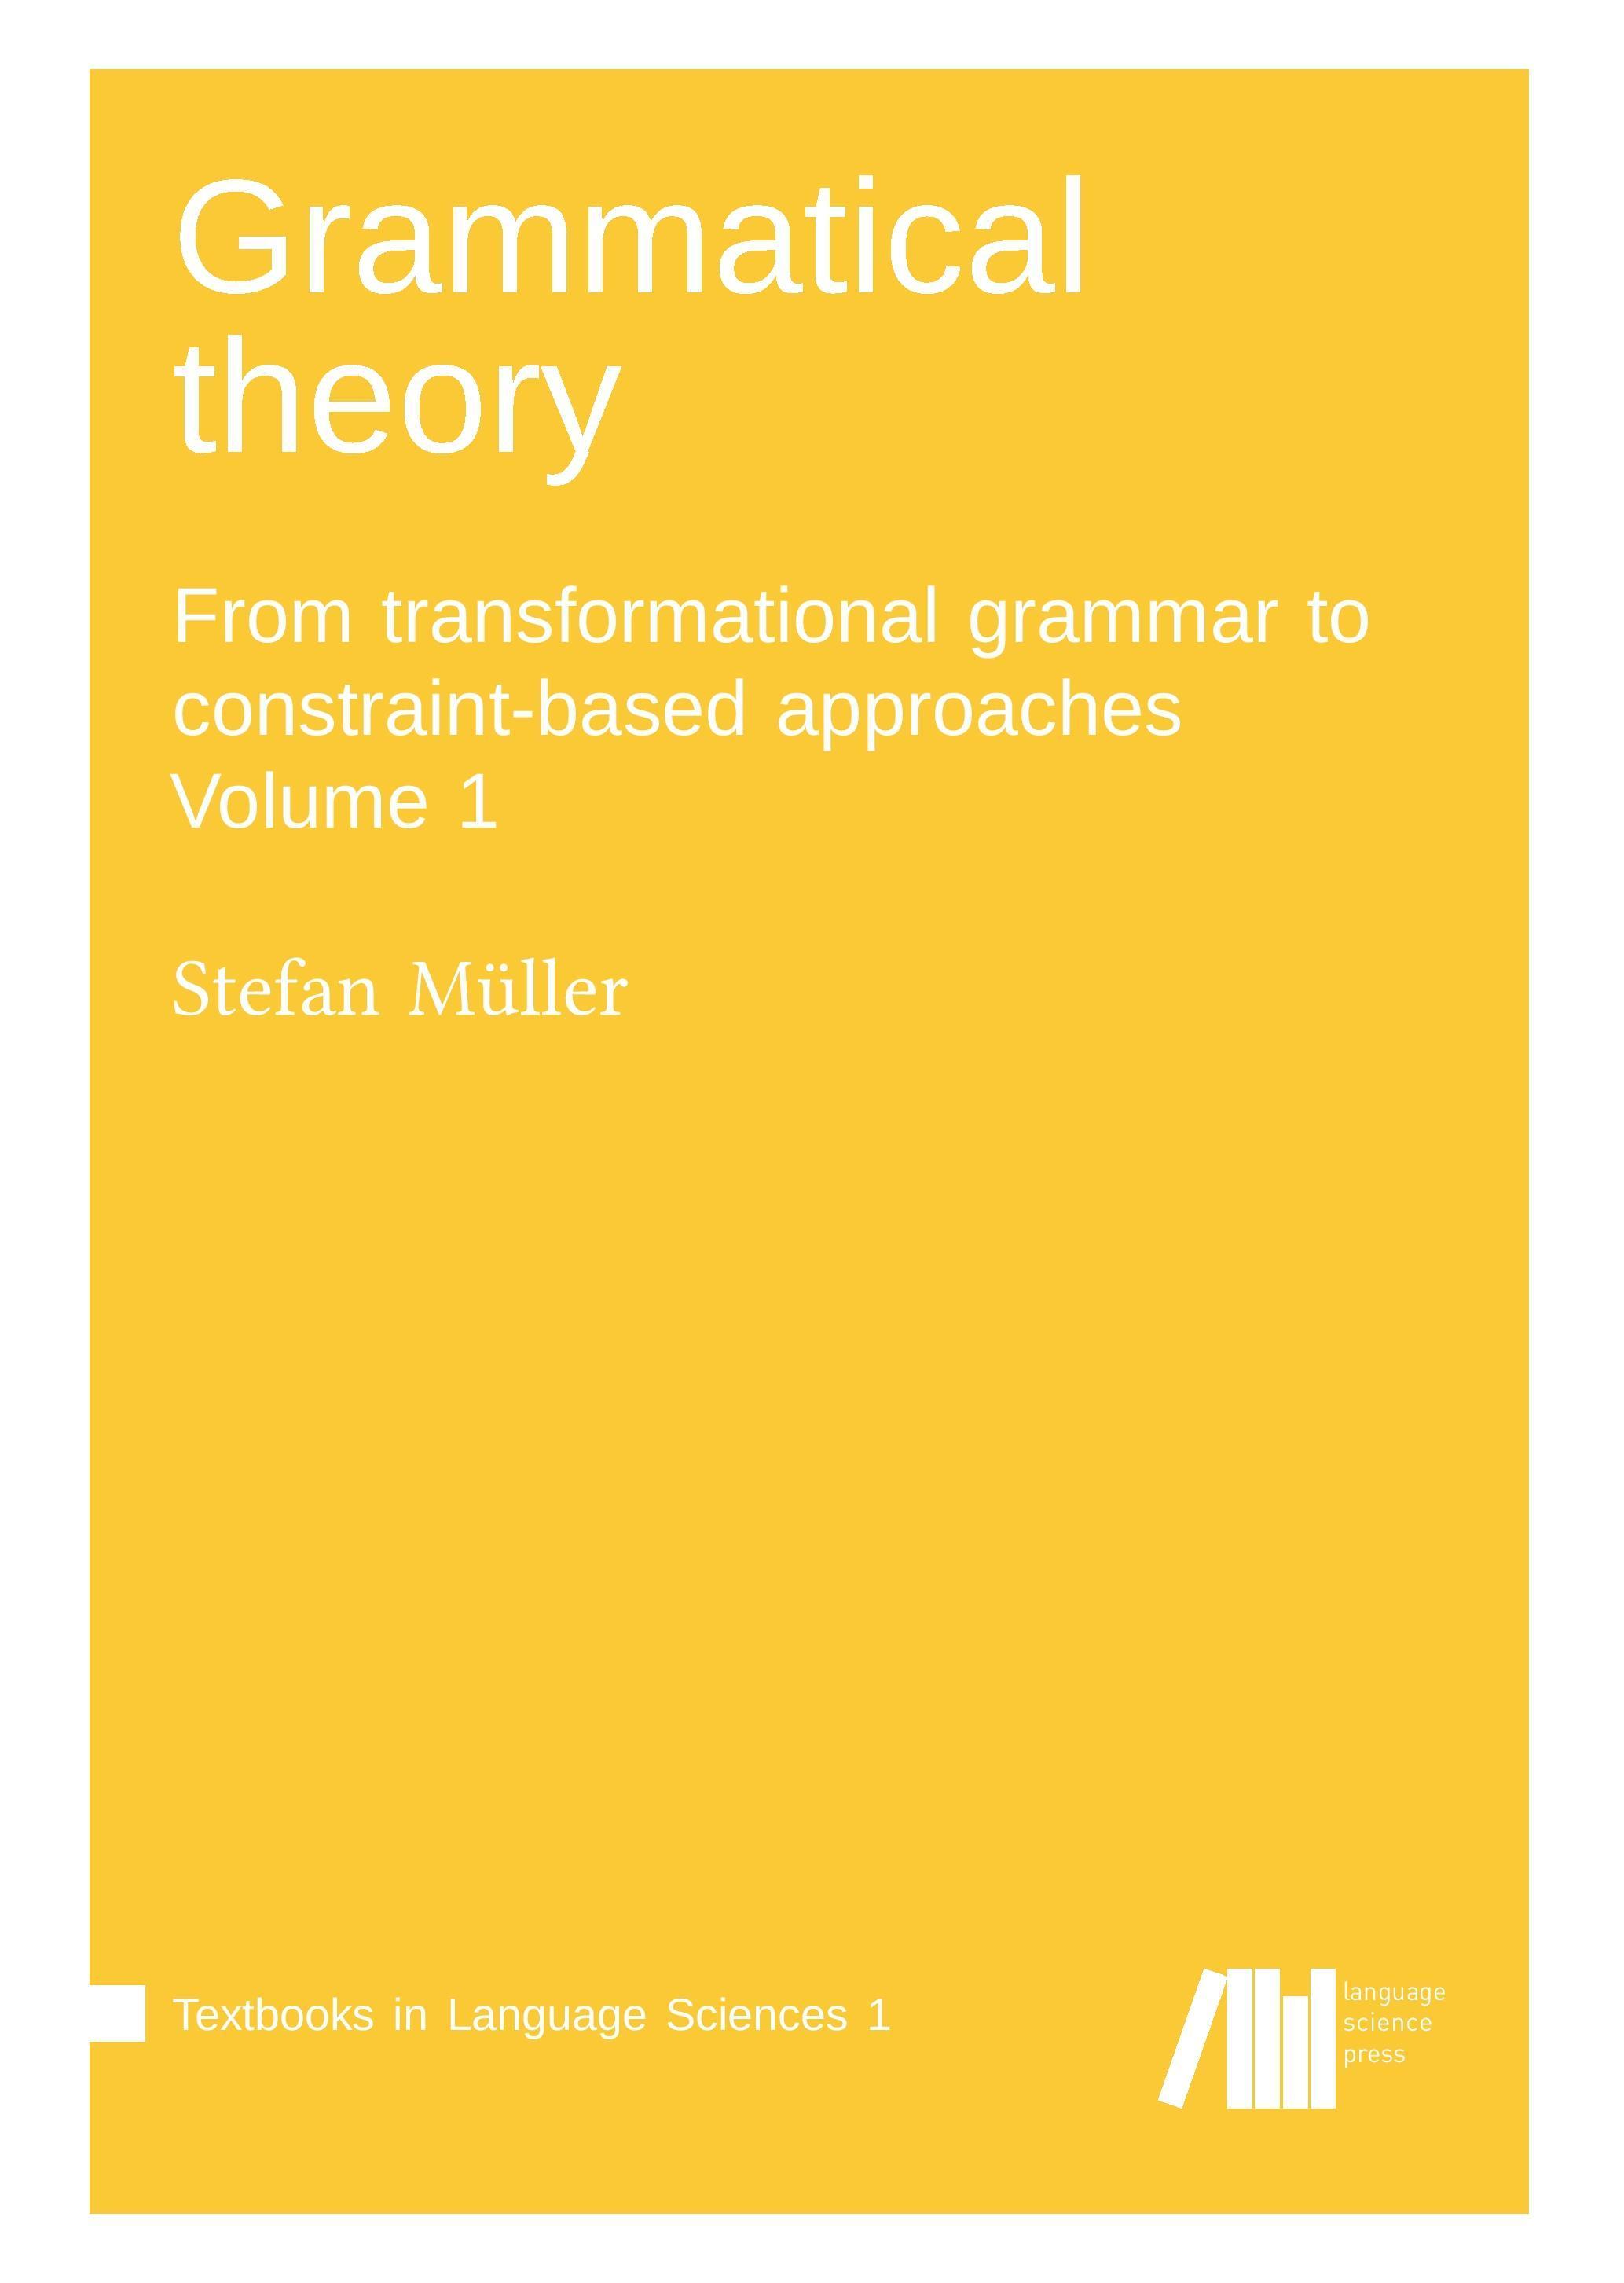 Grammatical theory Vol. 1 Stefan Müller